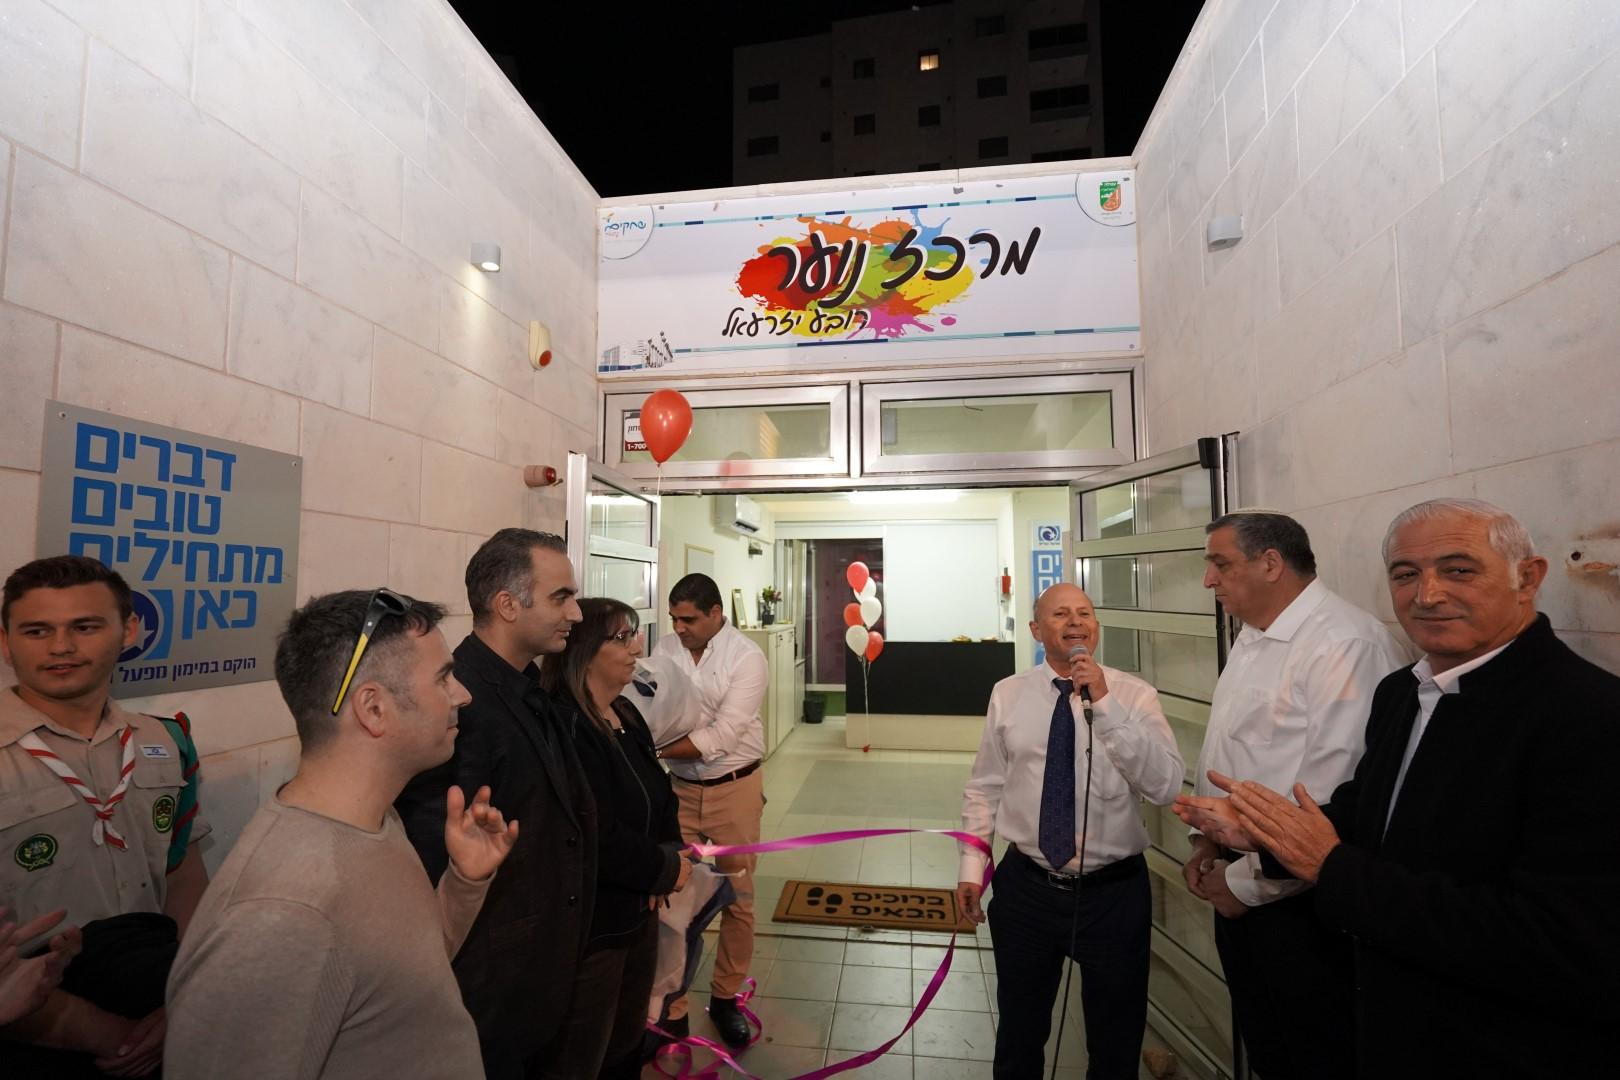 מאות בני נוער בפתיחת מרכז הנוער החדש